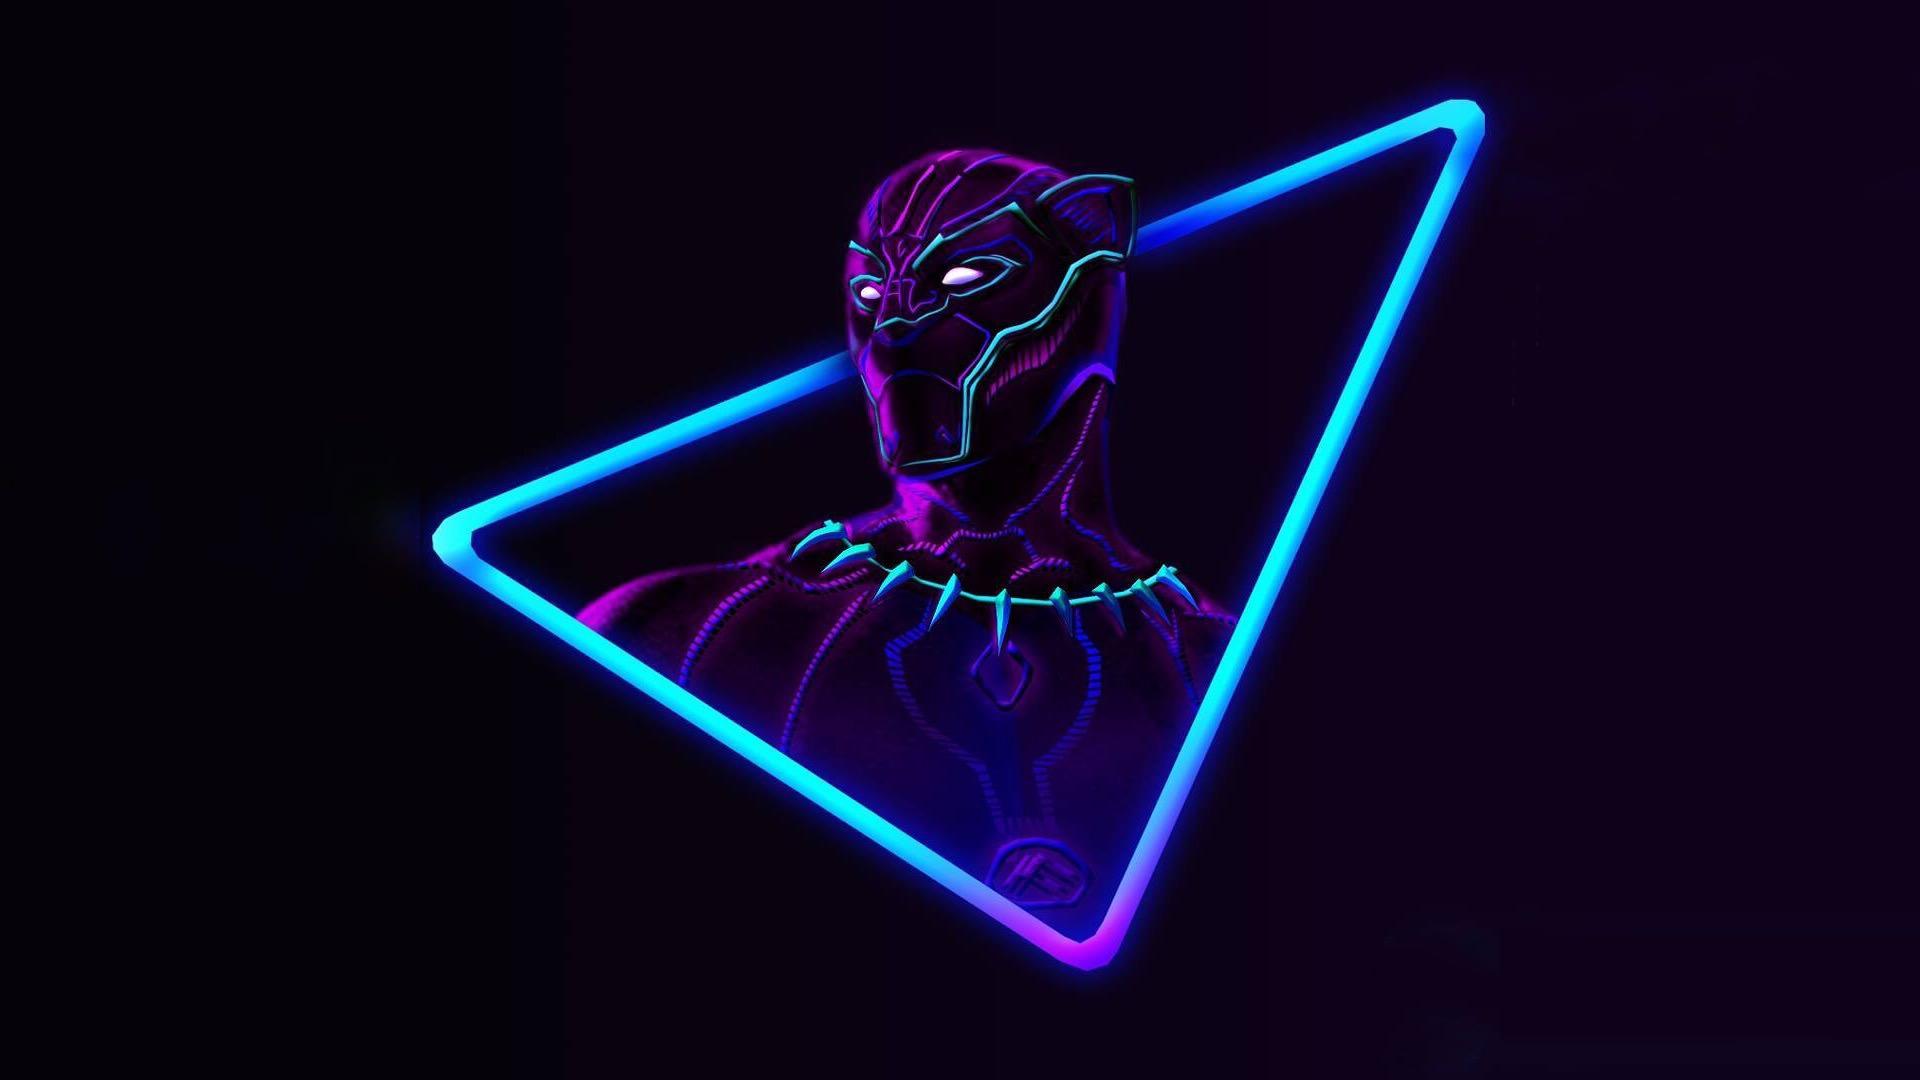 neon avengers wallpaper 68545